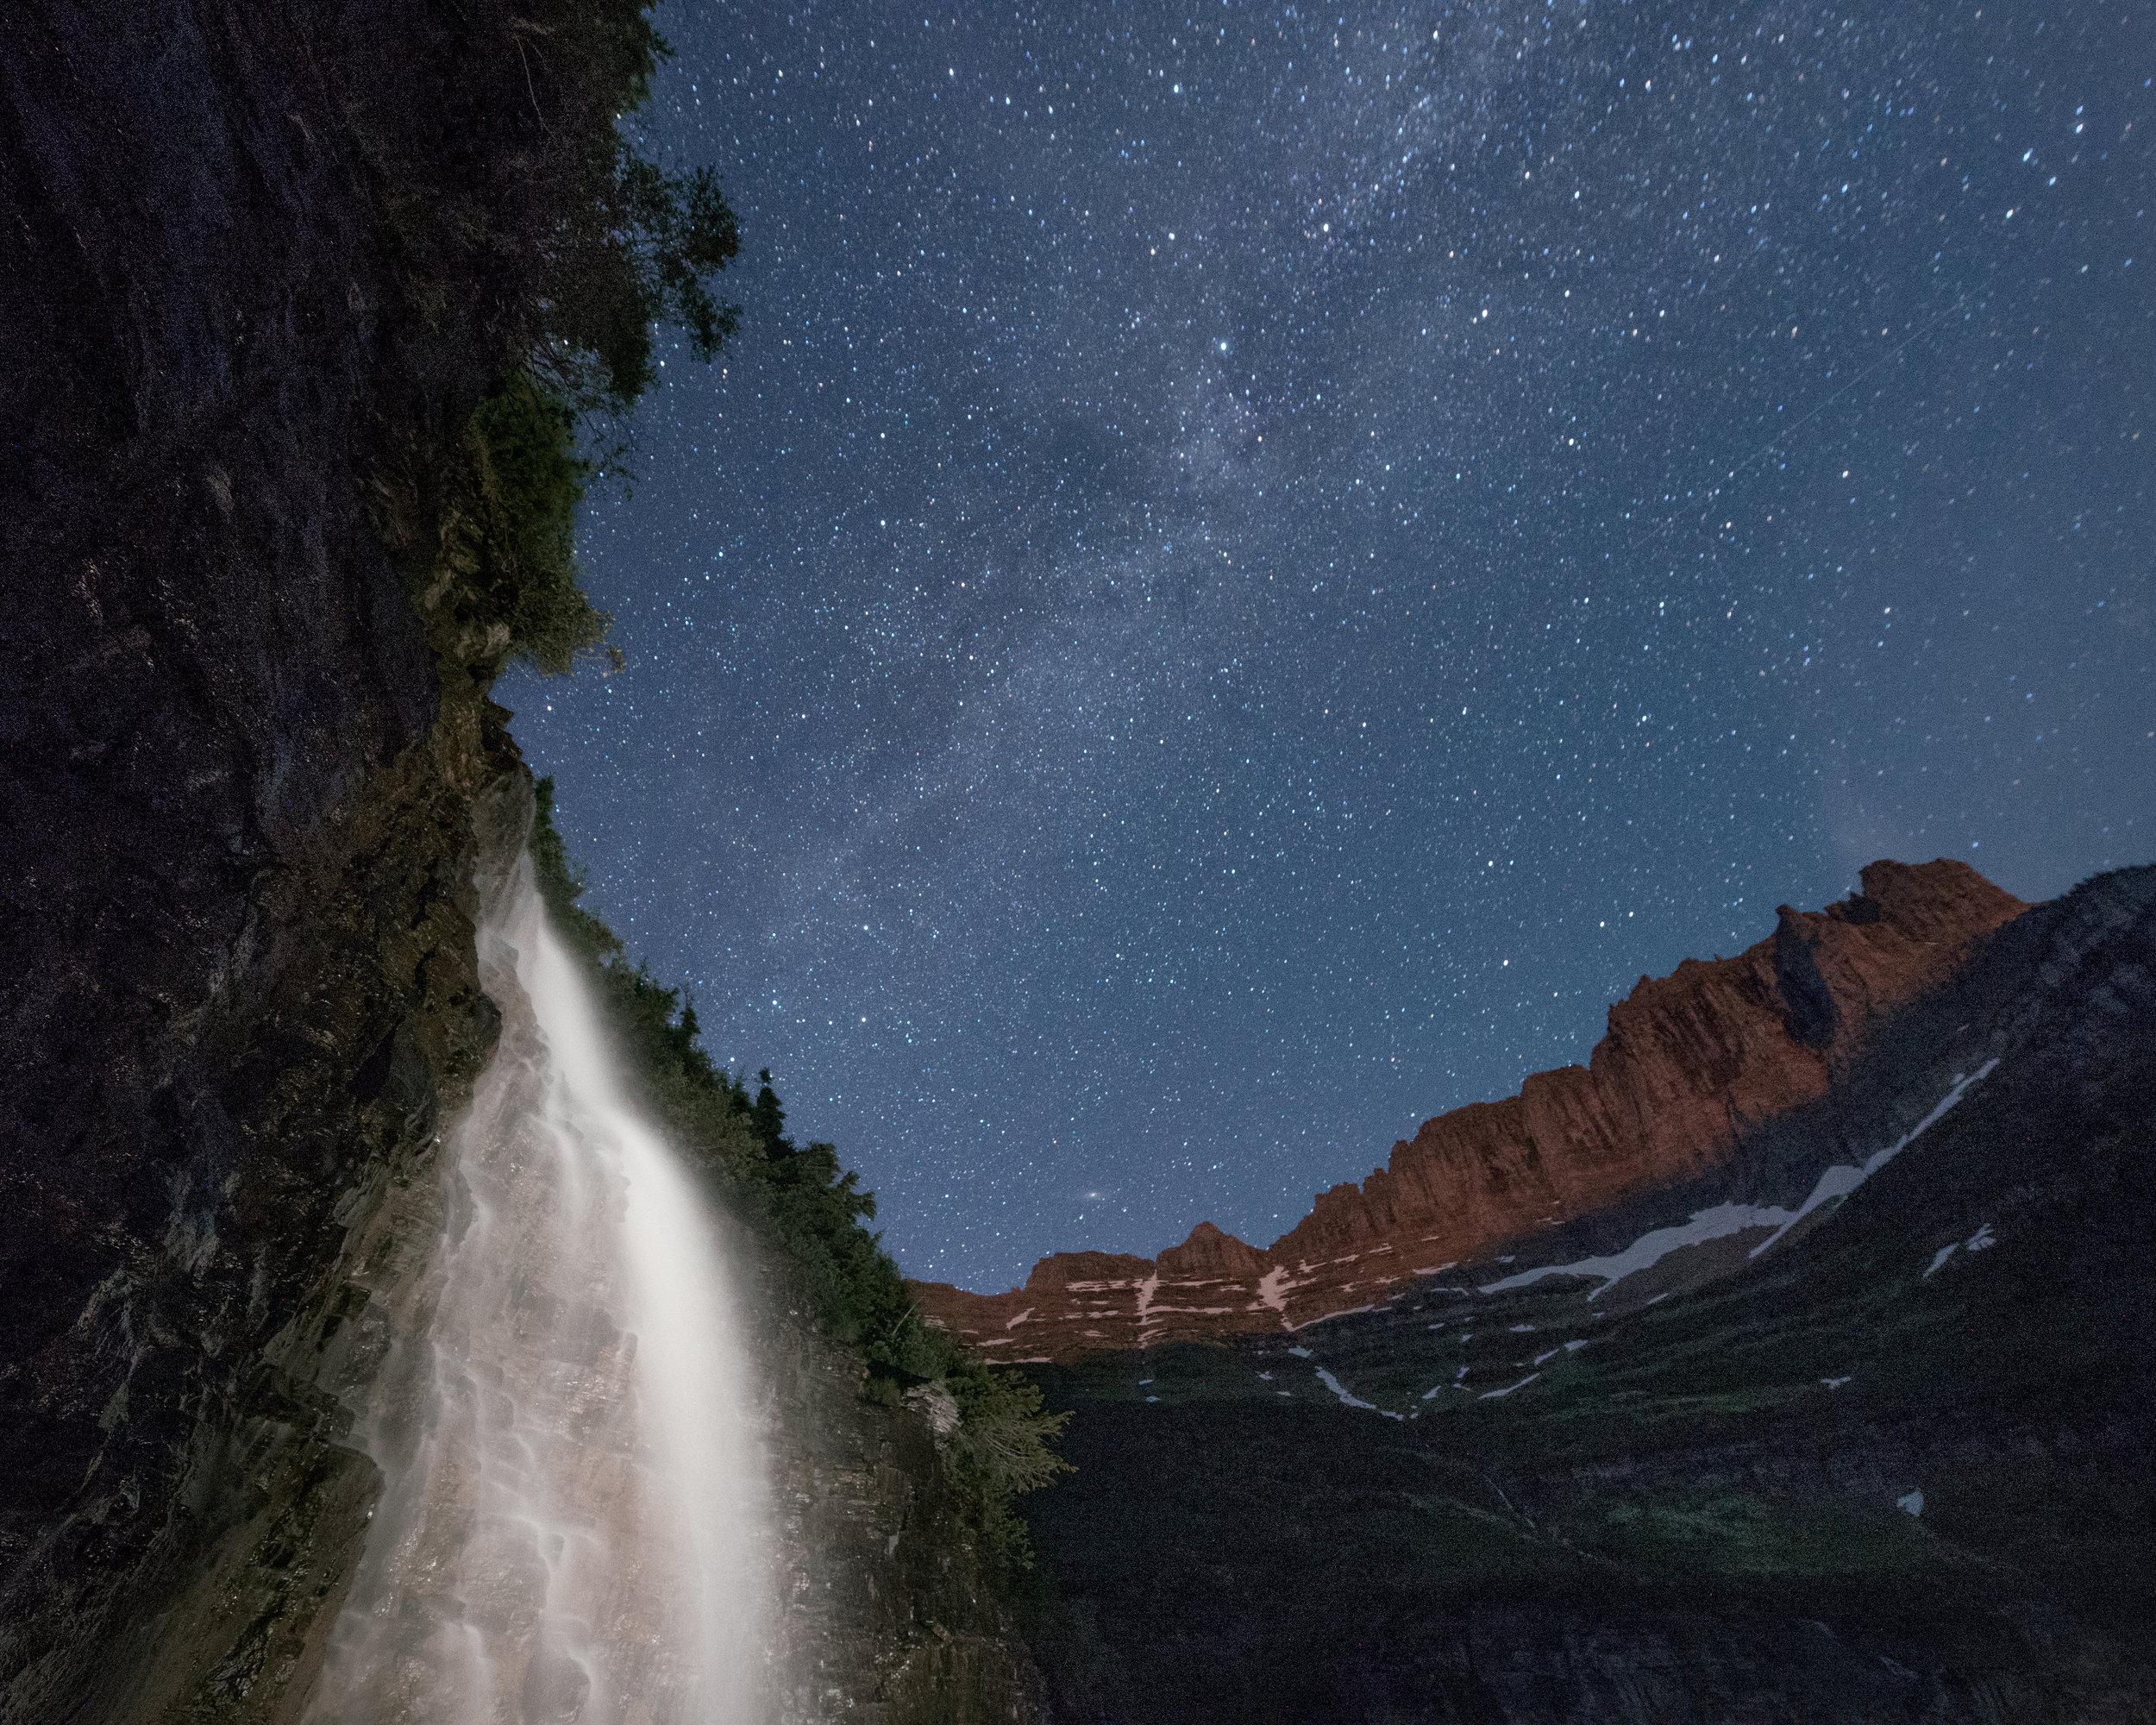 Weeping Wall, Night Sky